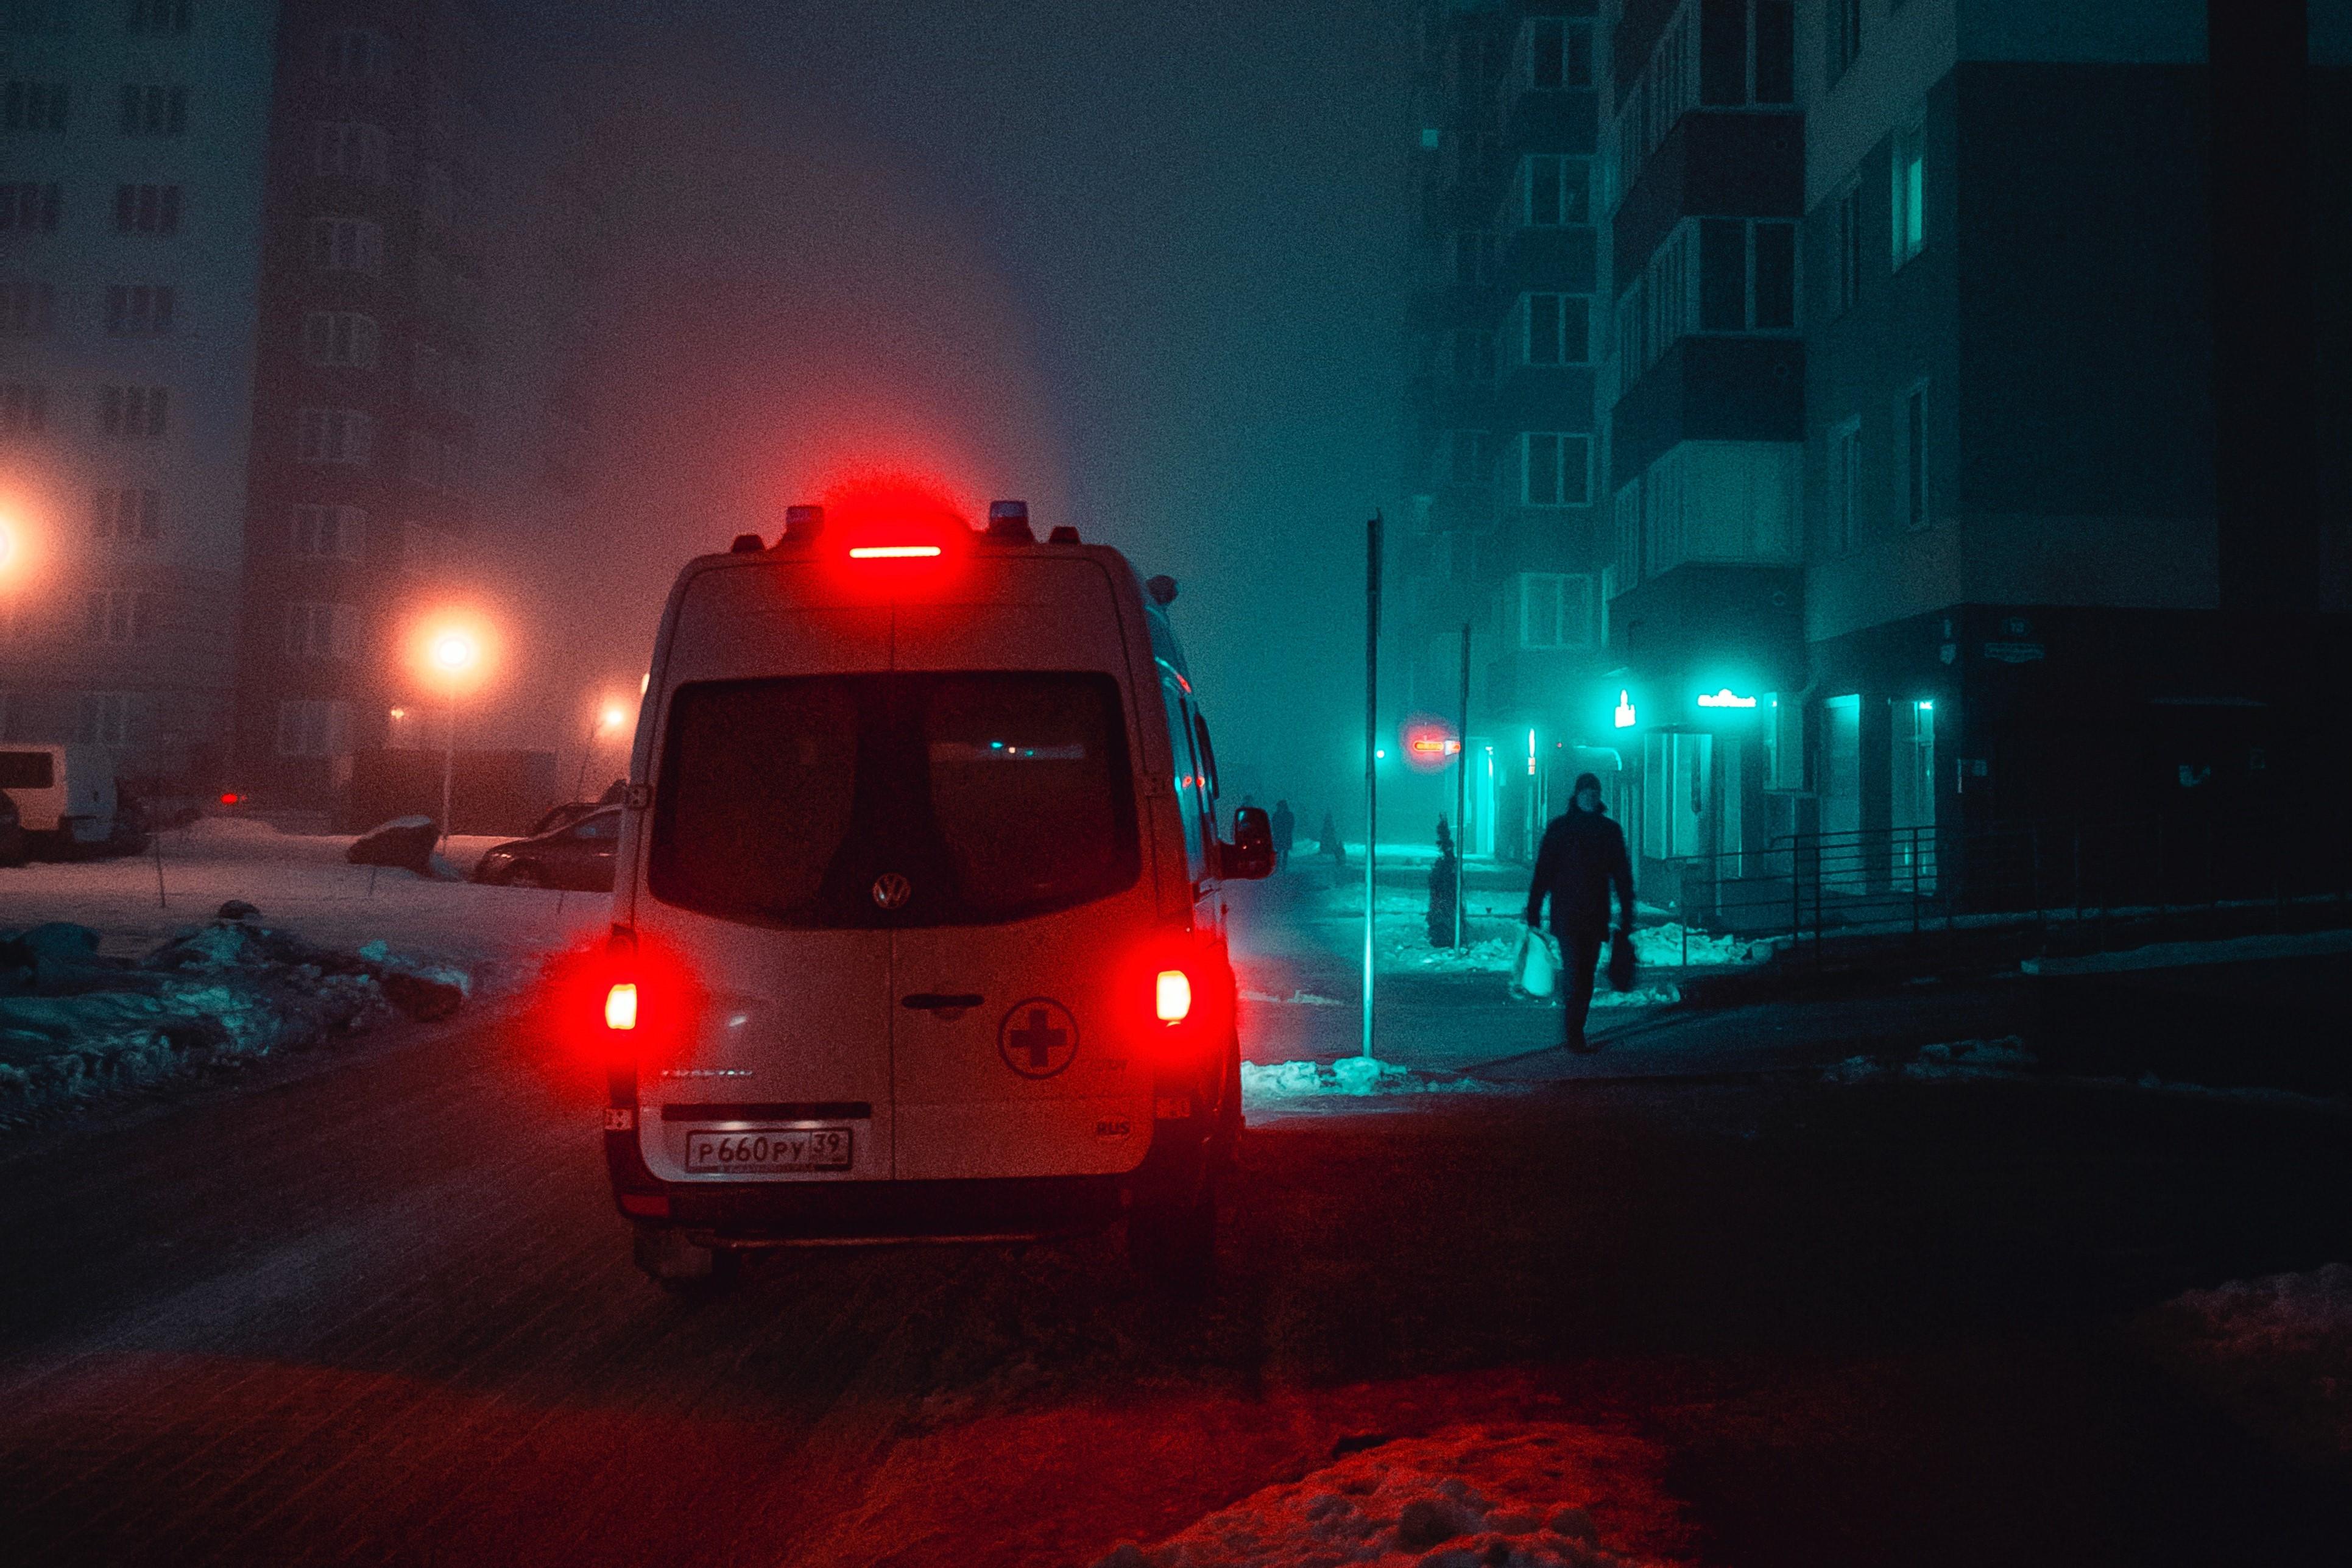 karetka pogotowia stojąca w nocy w zaśnieżonym mieście